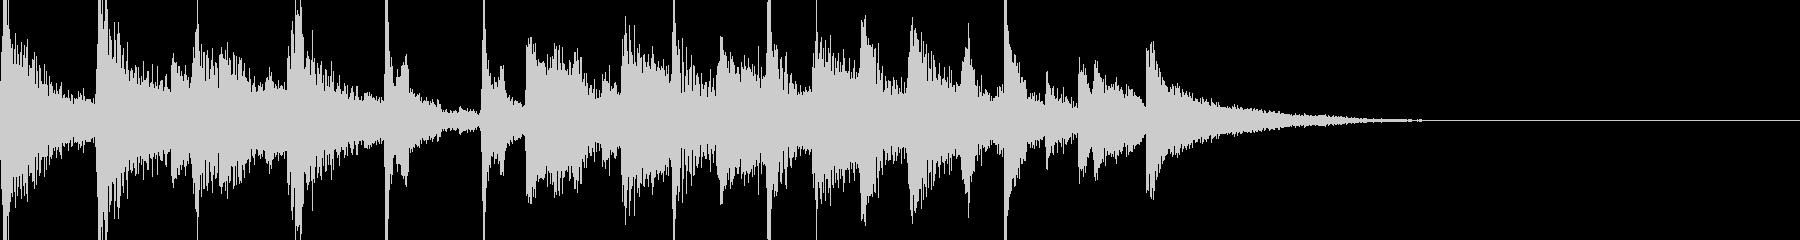 お洒落なジャズ風ジングル1の未再生の波形